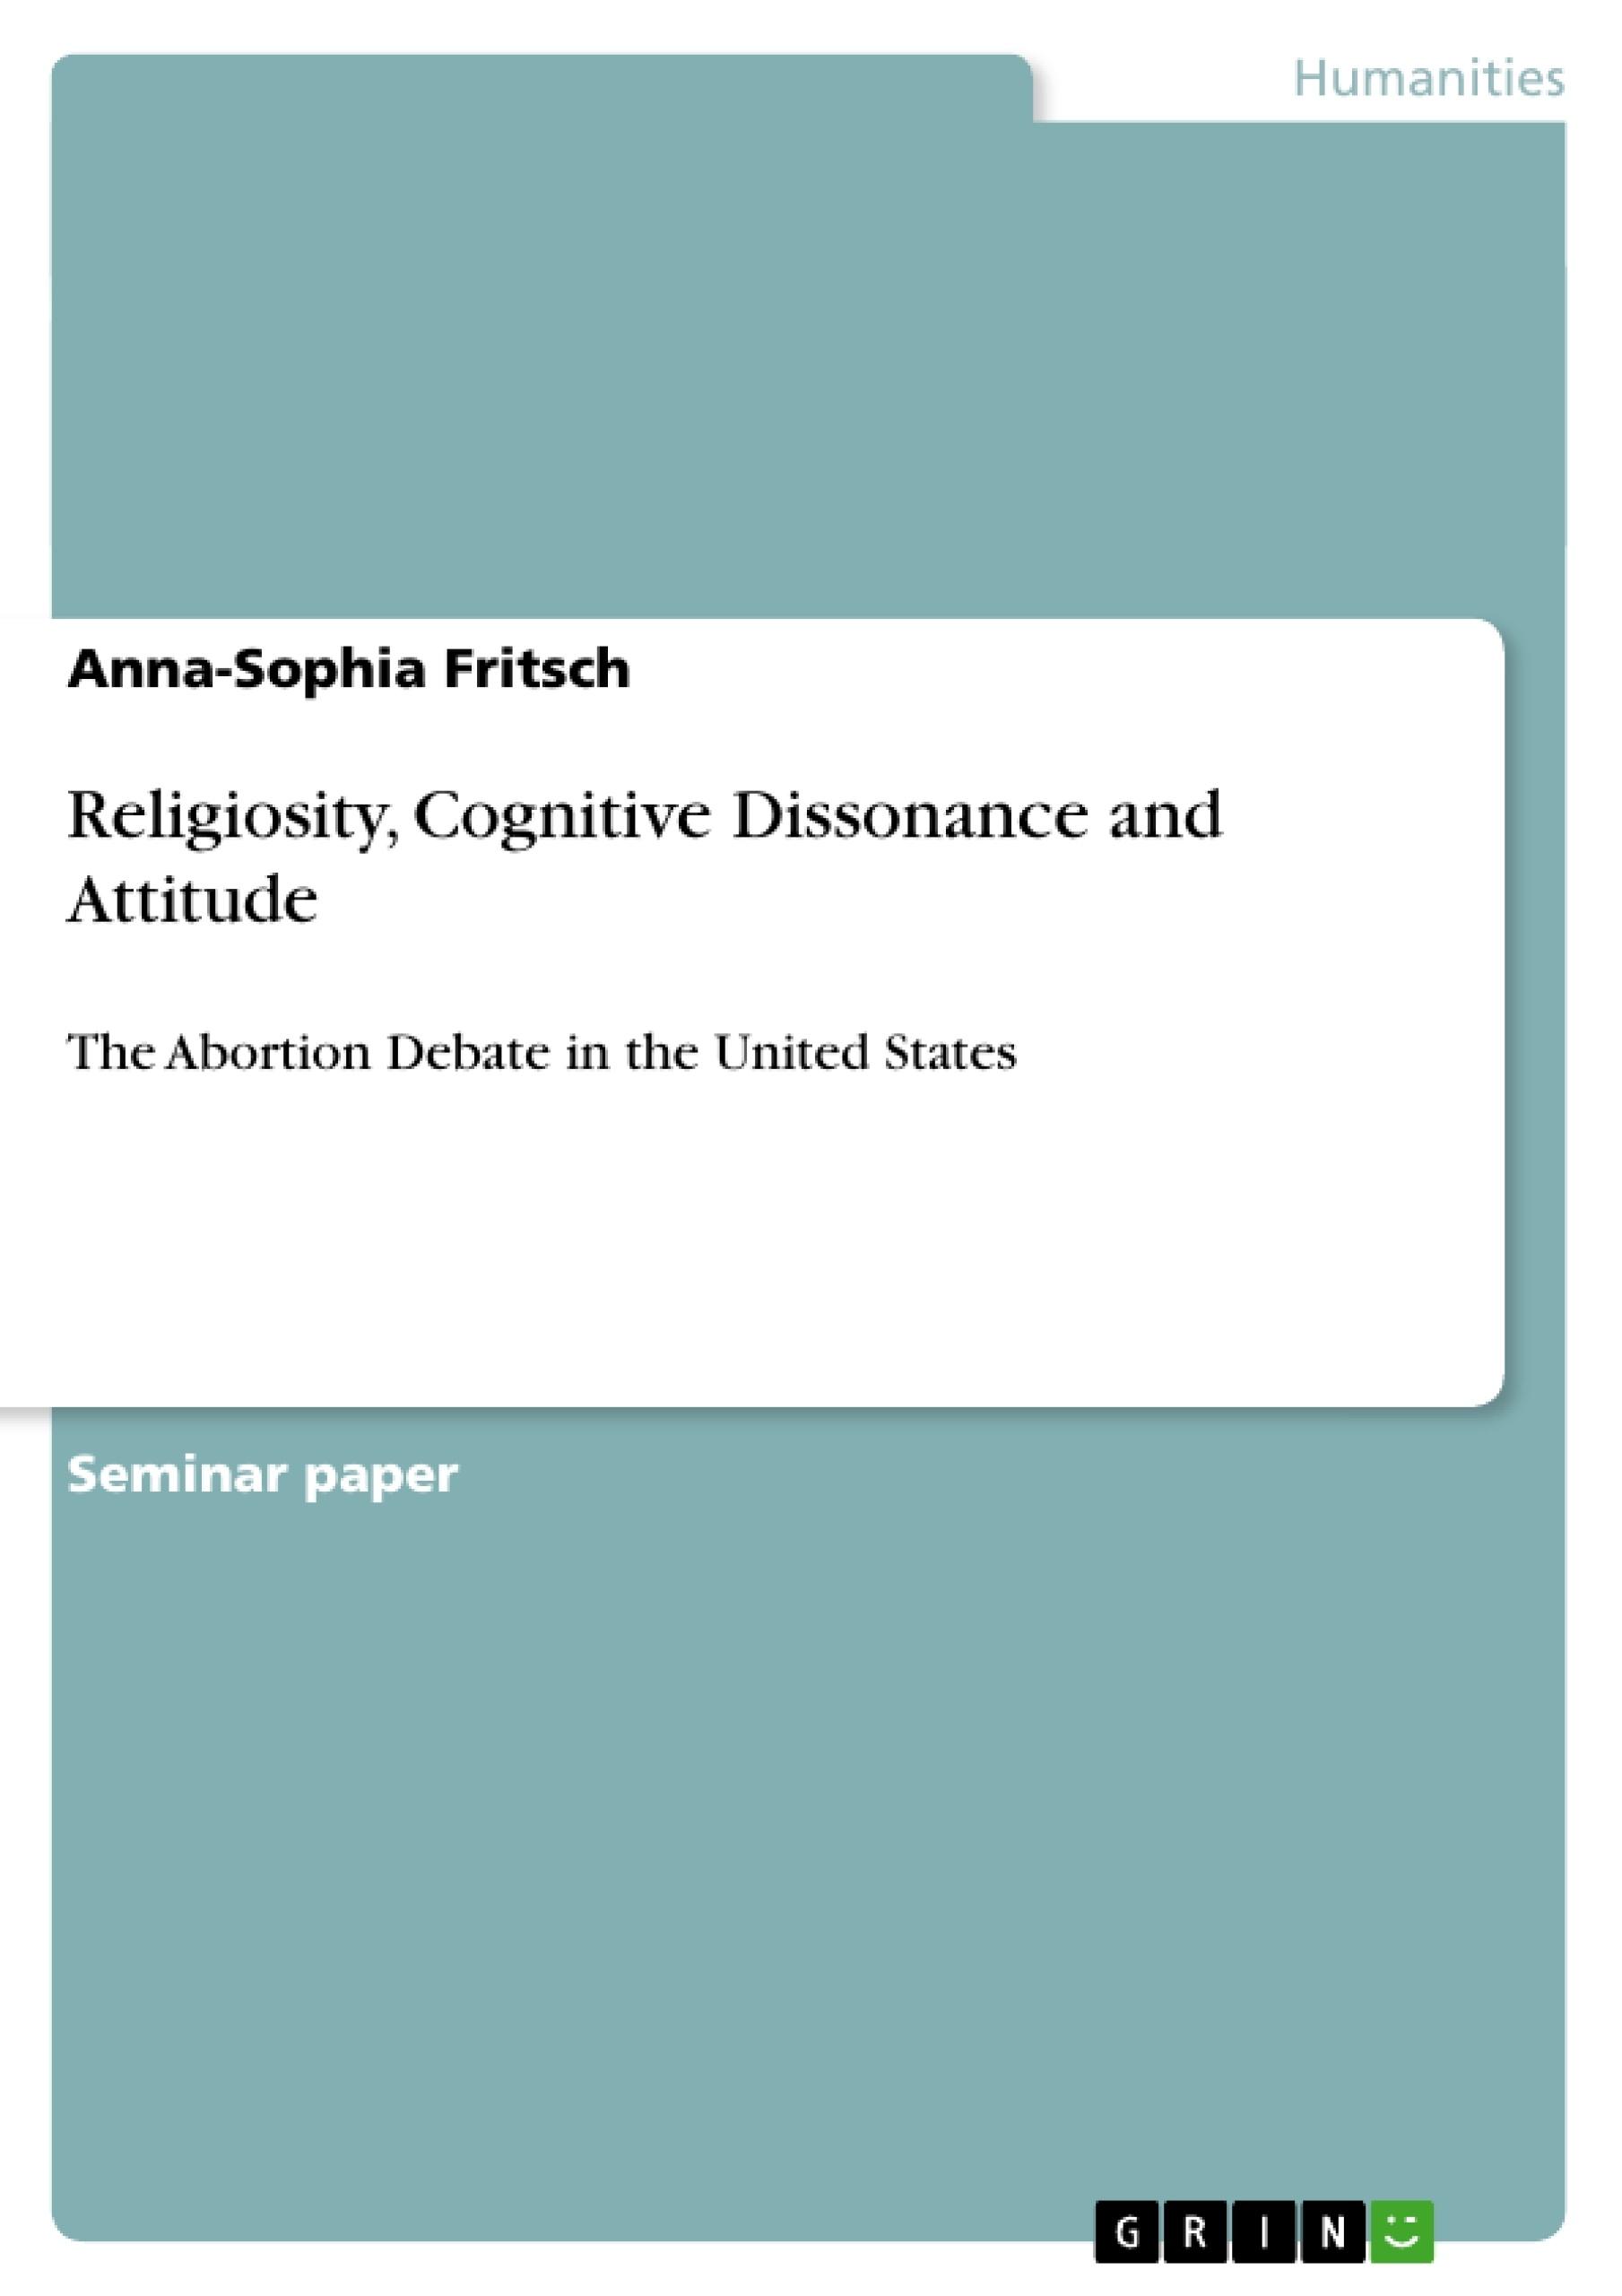 Title: Religiosity, Cognitive Dissonance and Attitude